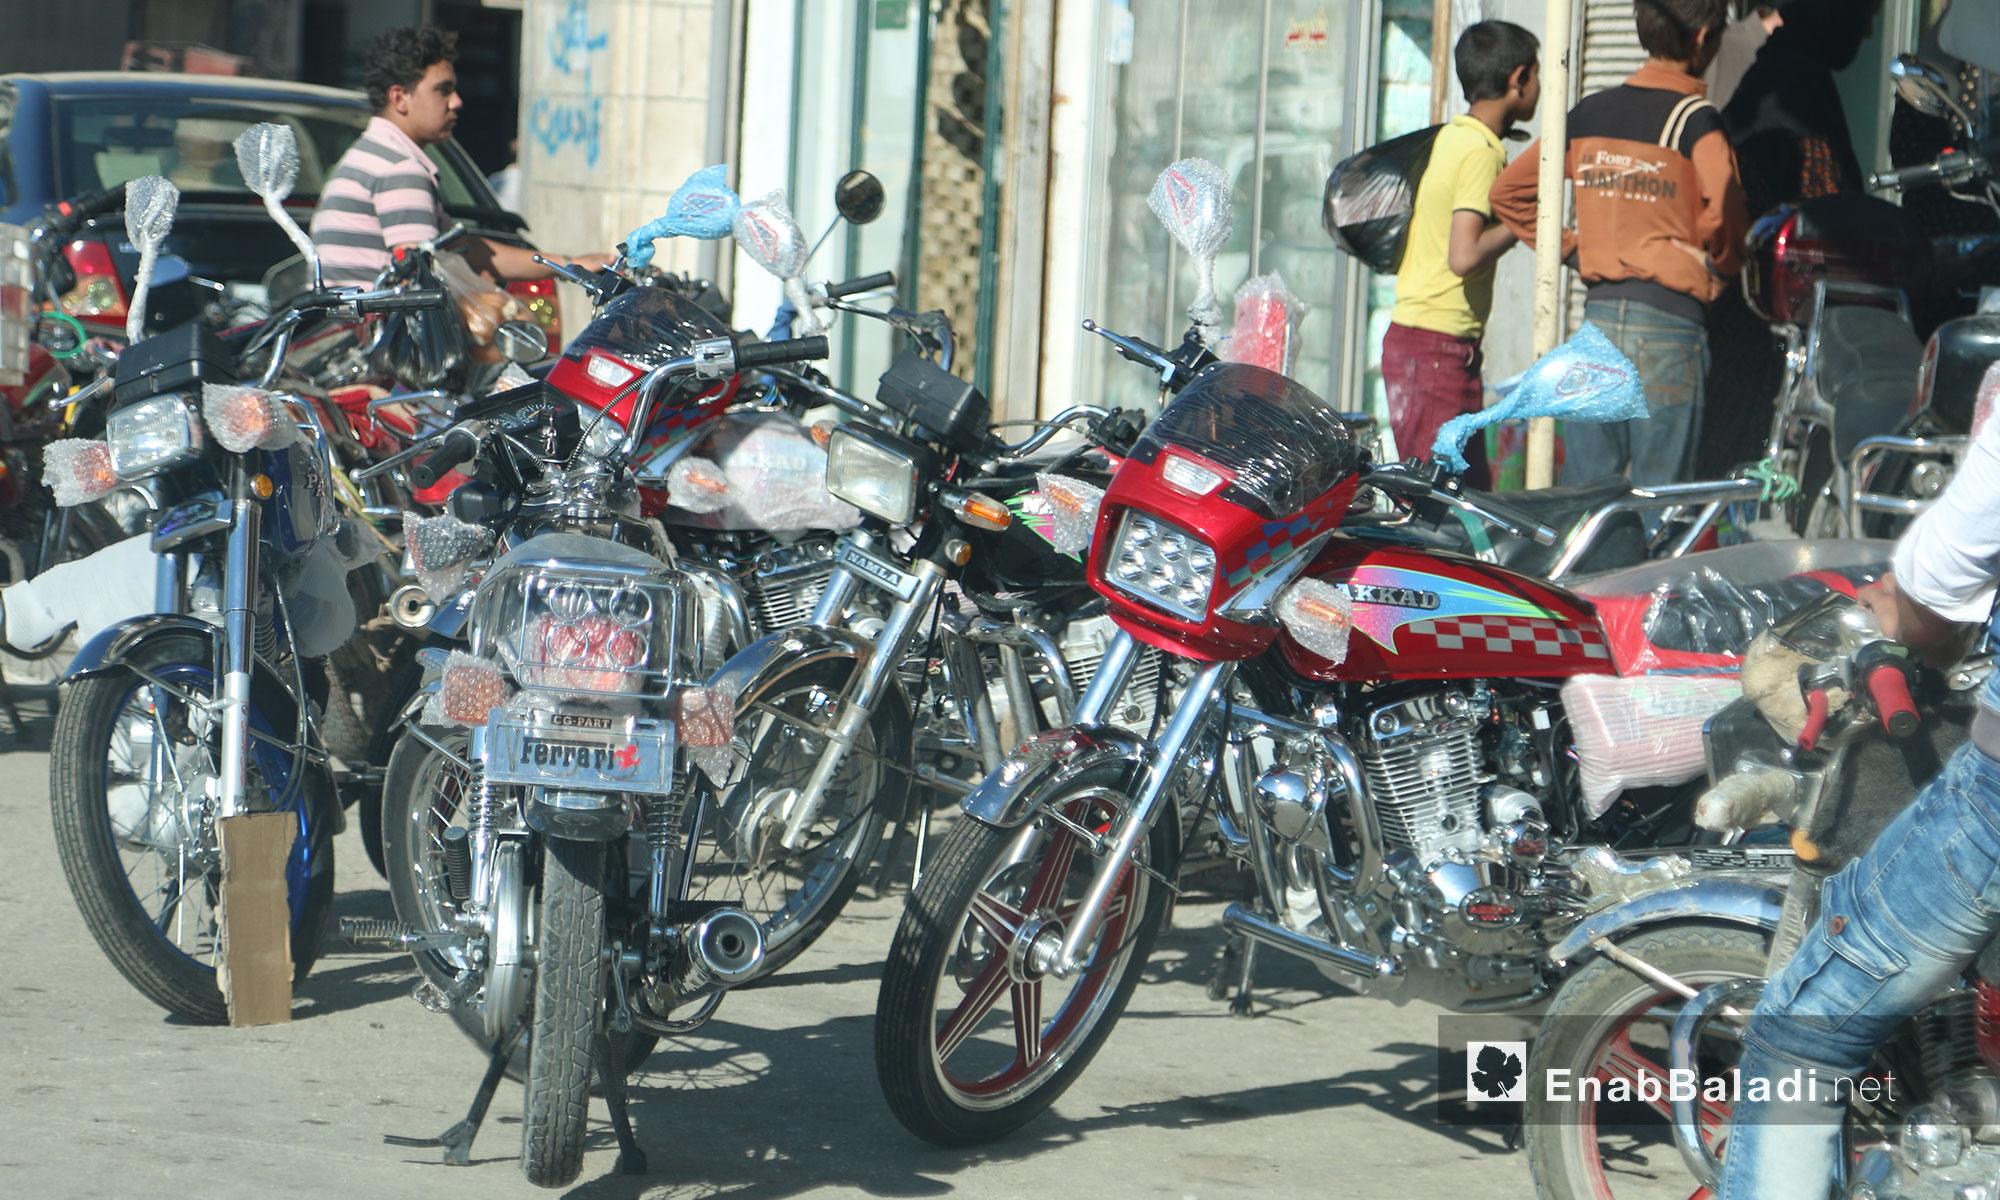 أحد محلات بيع الدراجات النارية في بلدة سلقين بريف إدلب - 21 حزيران 2017 (عنب بلدي)